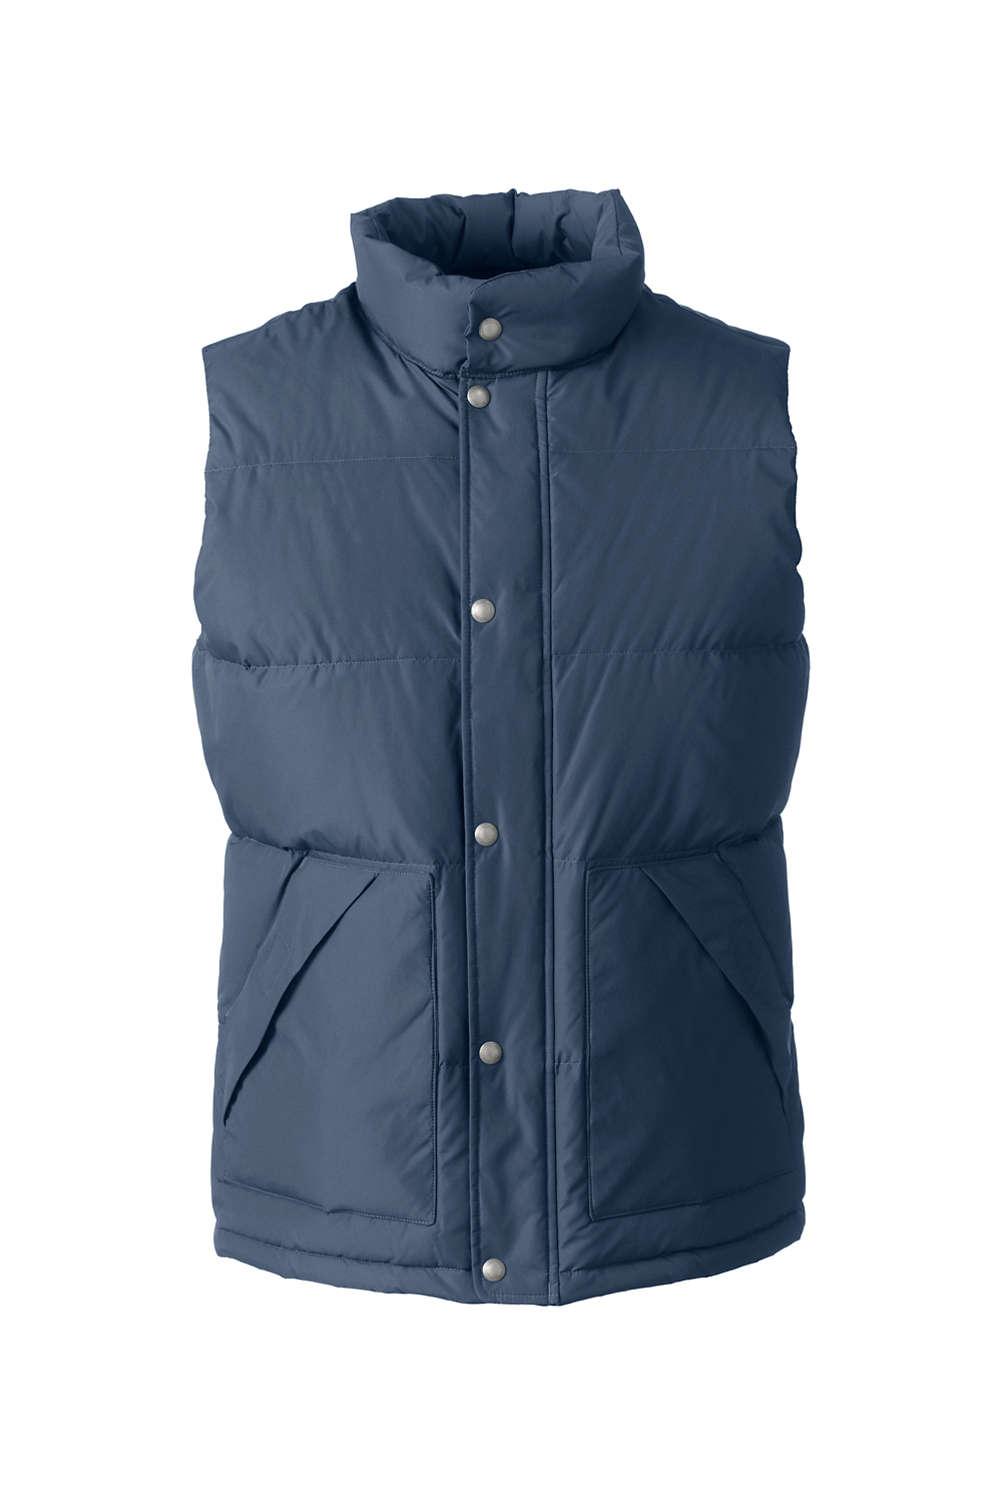 2fea08390c5 Men's 600 Down Vest from Lands' End